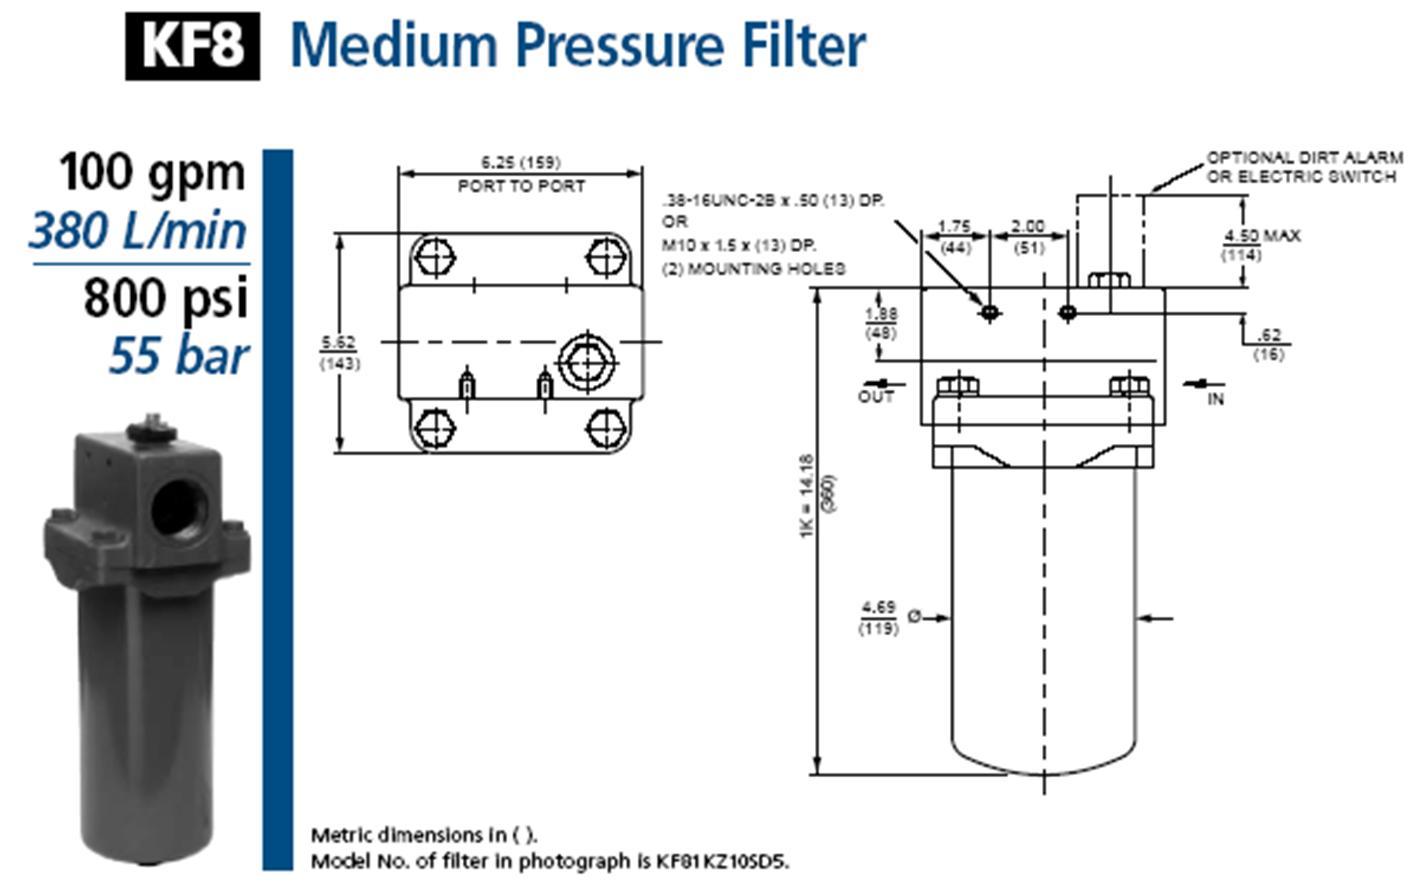 kf8 系列中压管路过滤器